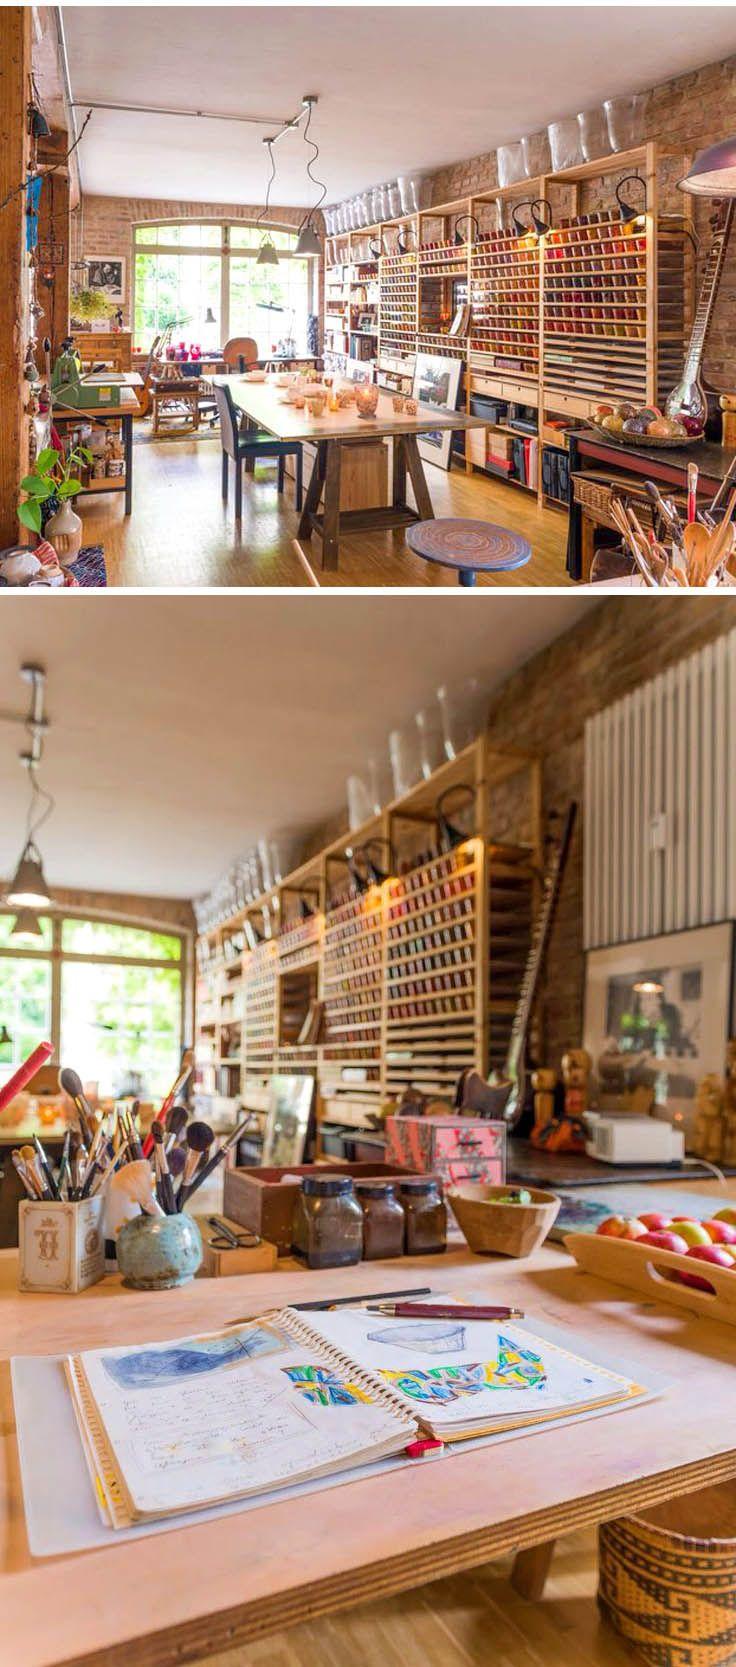 Studio Gosha of Fine Arts, Potsdam, Germany, photo by ©Torsten Fritsche